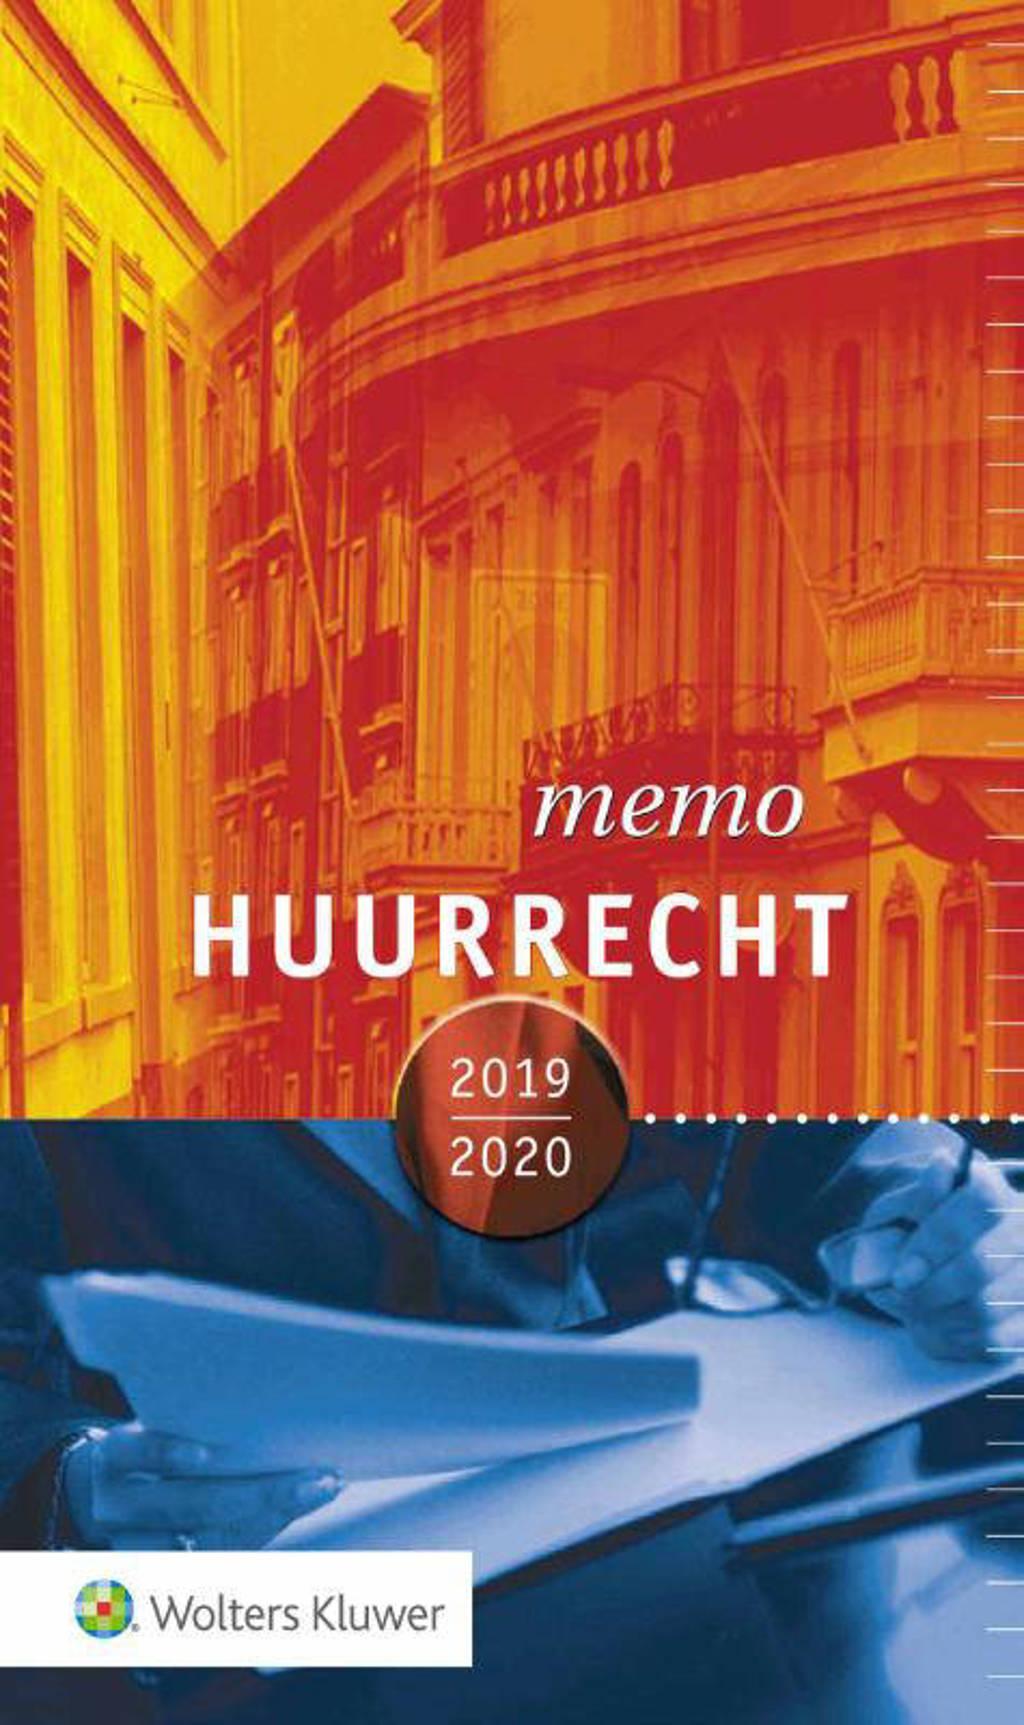 Huurrechtmemo 2019/2020 - H.M. Hielkema